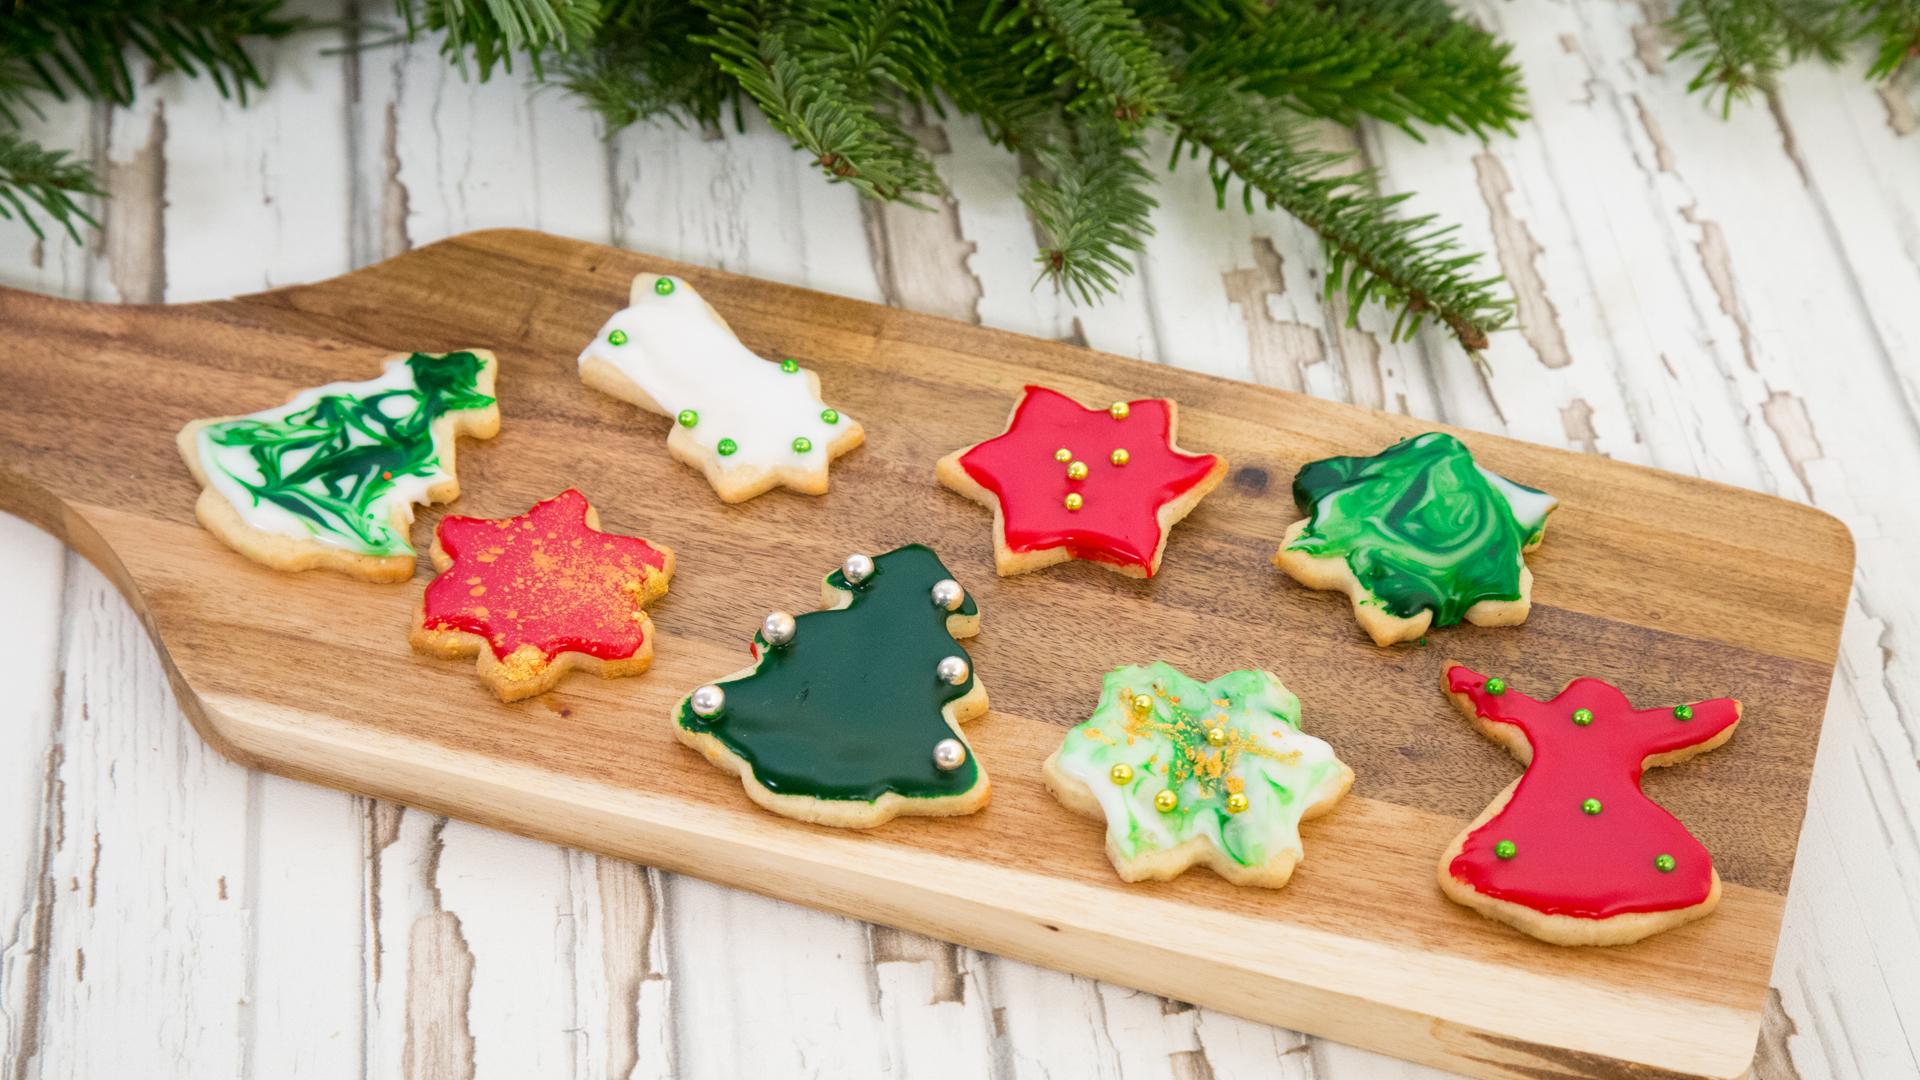 Weihnachtsplätzchen Teig Zum Ausstechen.Weihnachtsplätzchen Zum Ausstechen